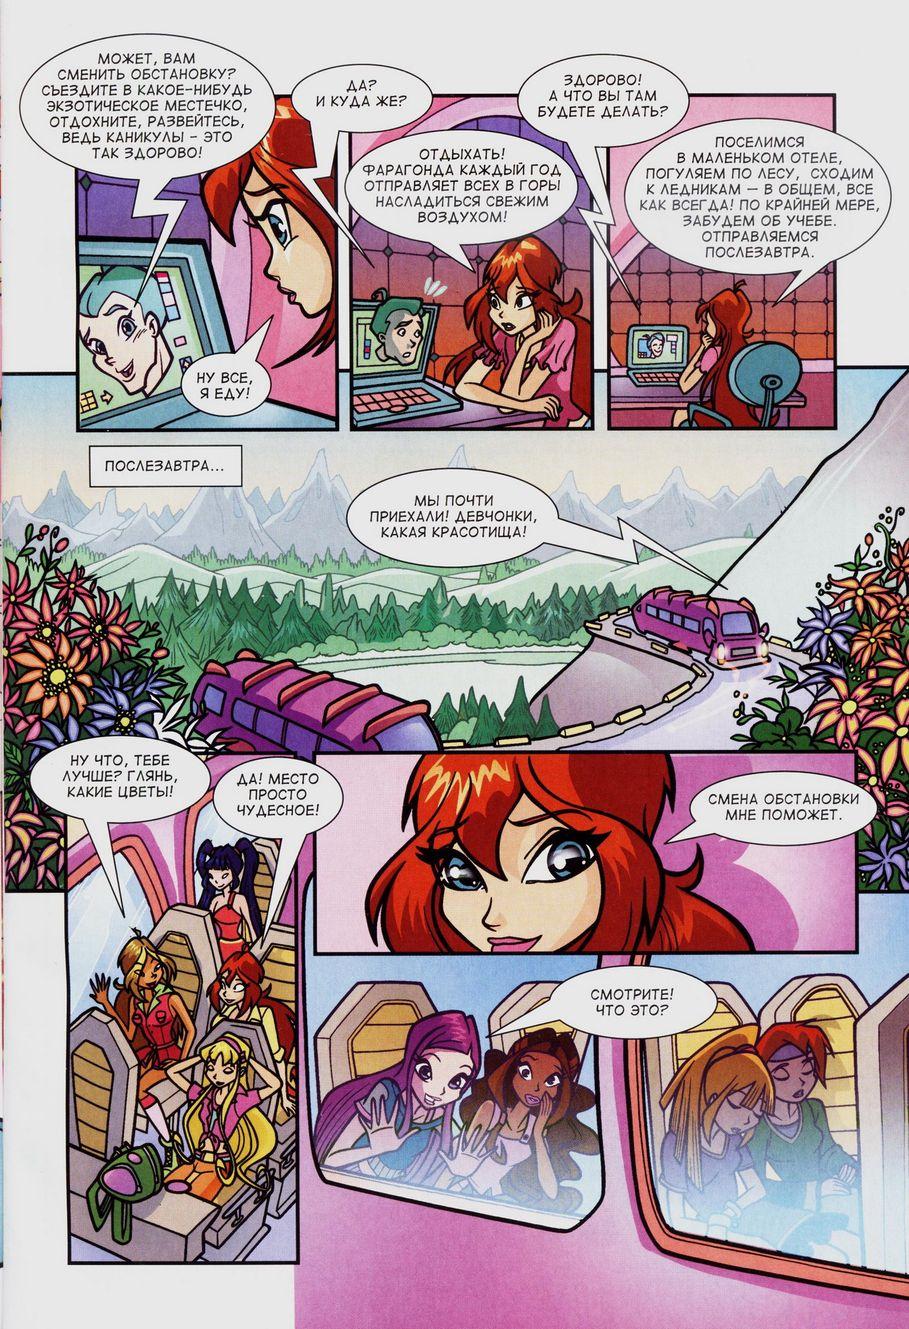 Комикс Винкс Winx - Надежда и разочарование (Журнал Винкс №5 2011) - стр. 19